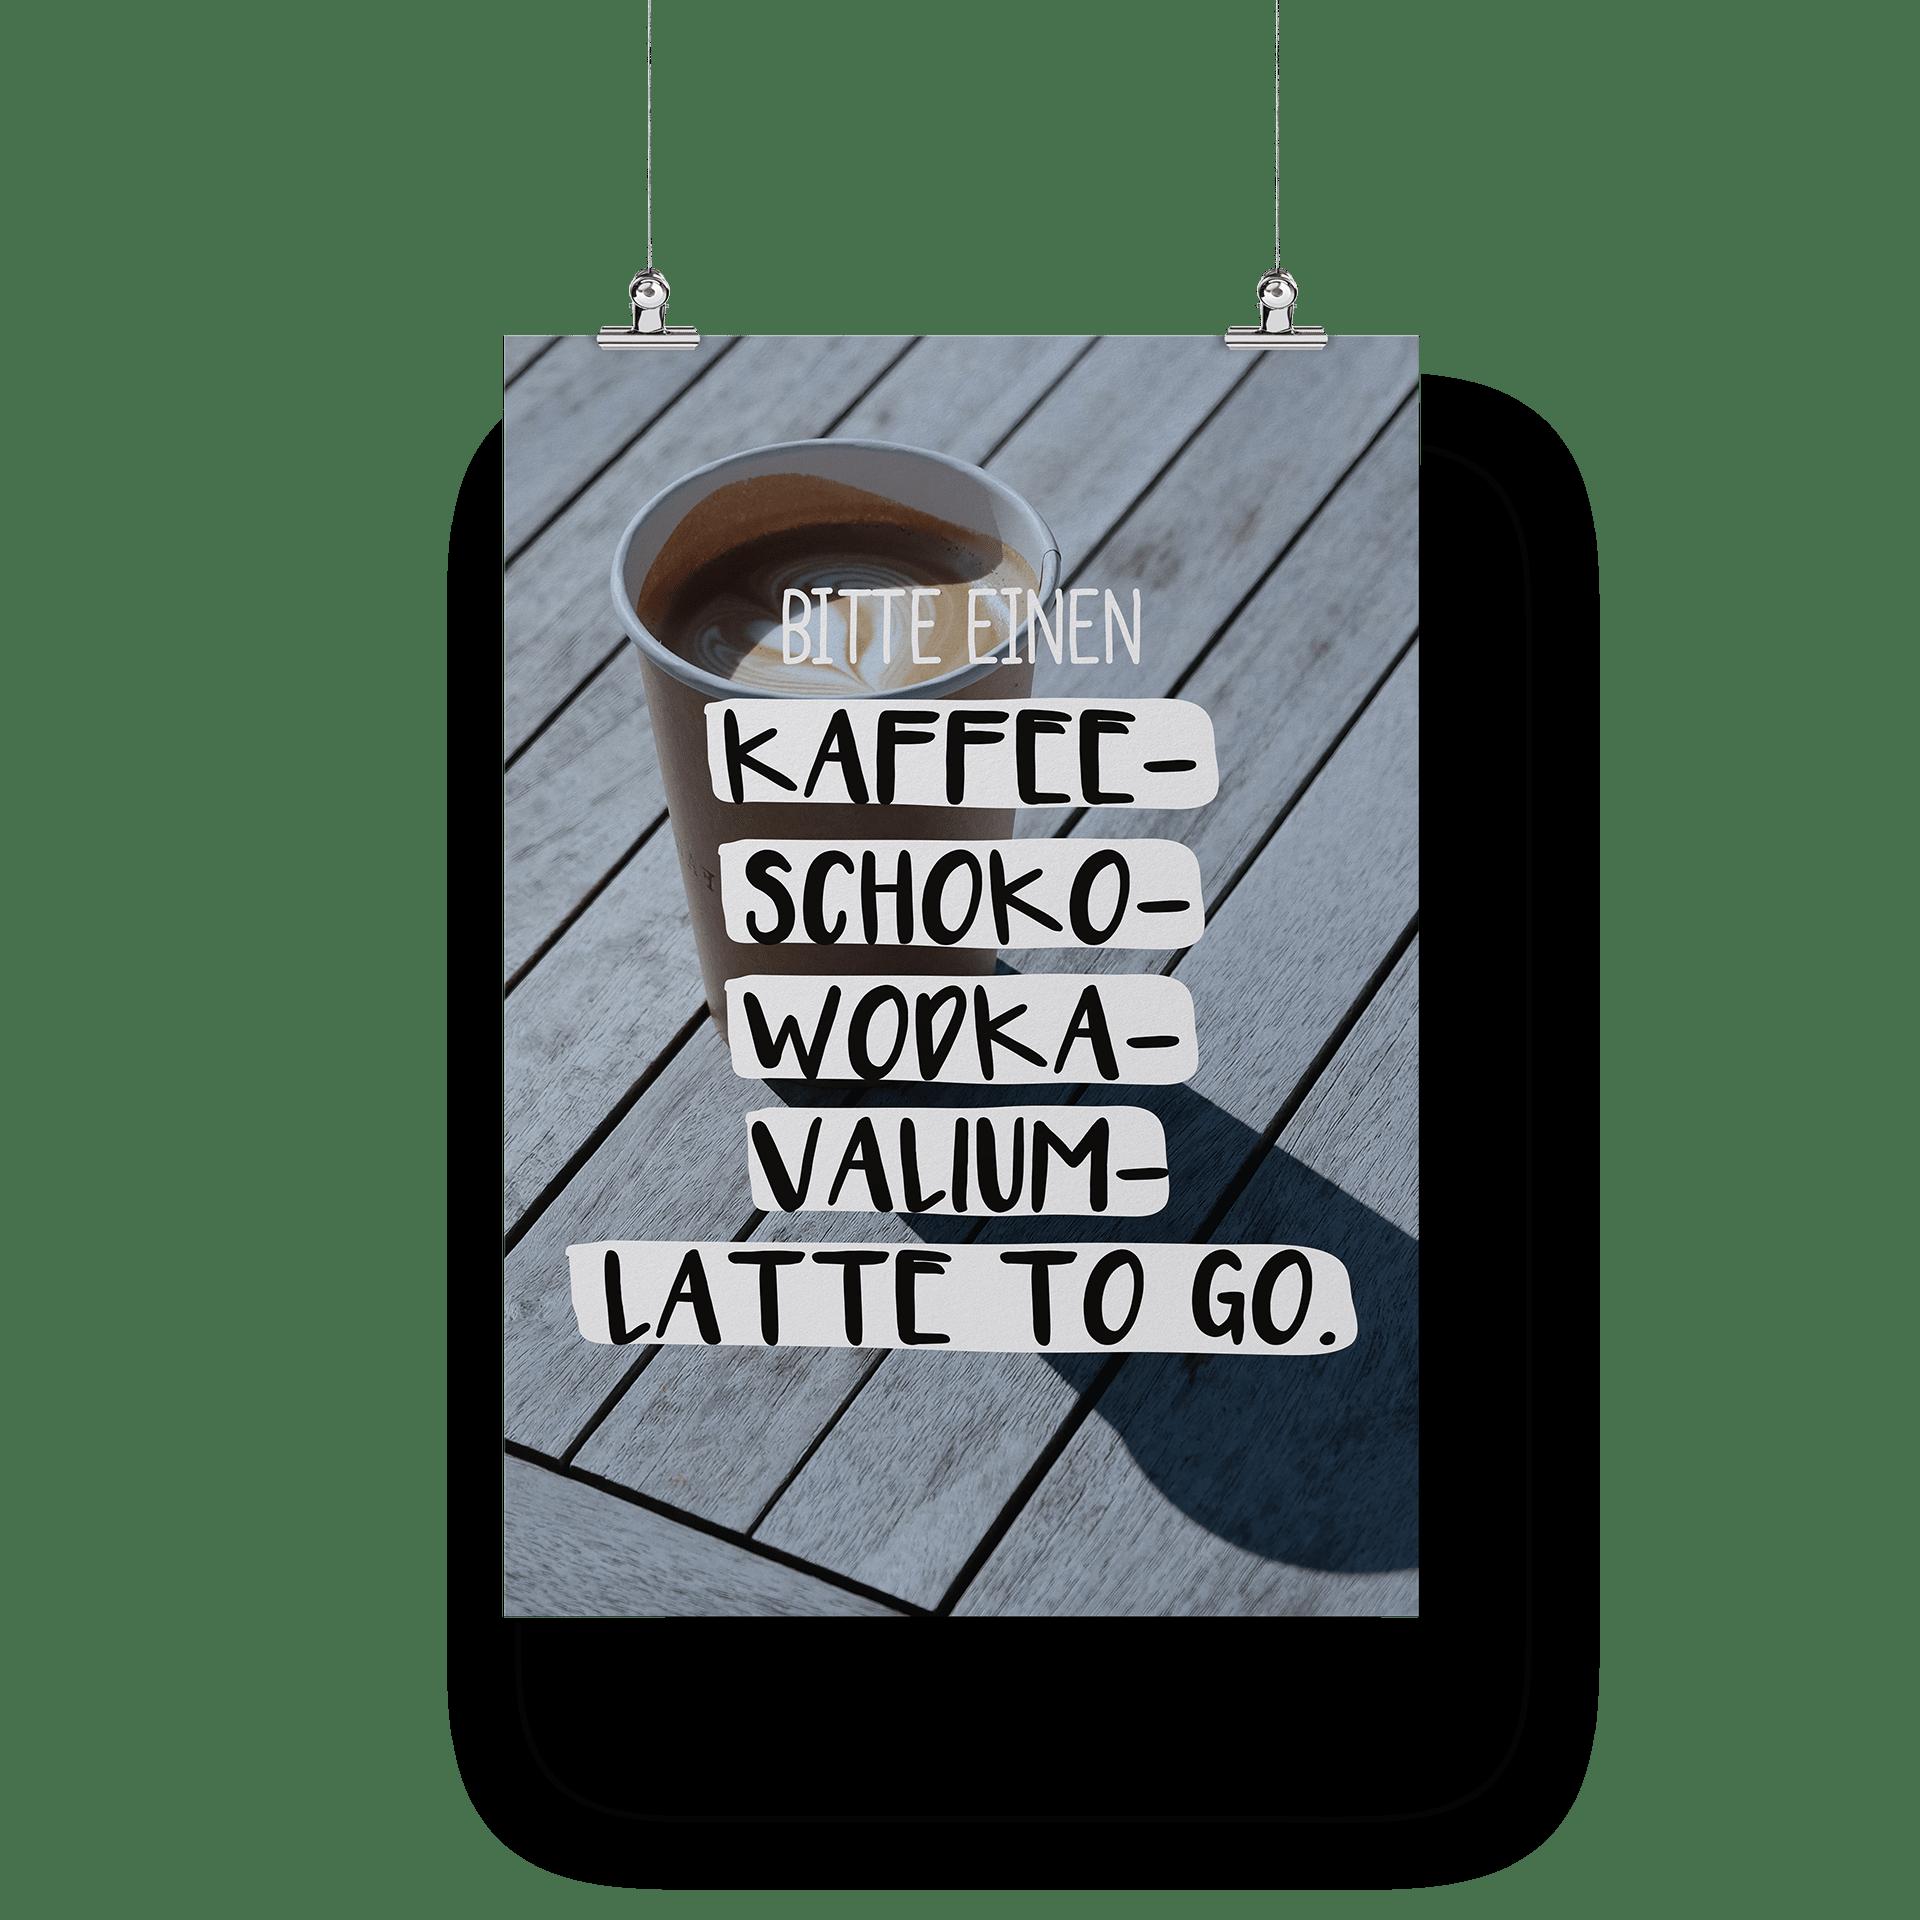 Bitte einen Kaffee-Wodka-Schoko-Valium-Latte-to-go - Poster